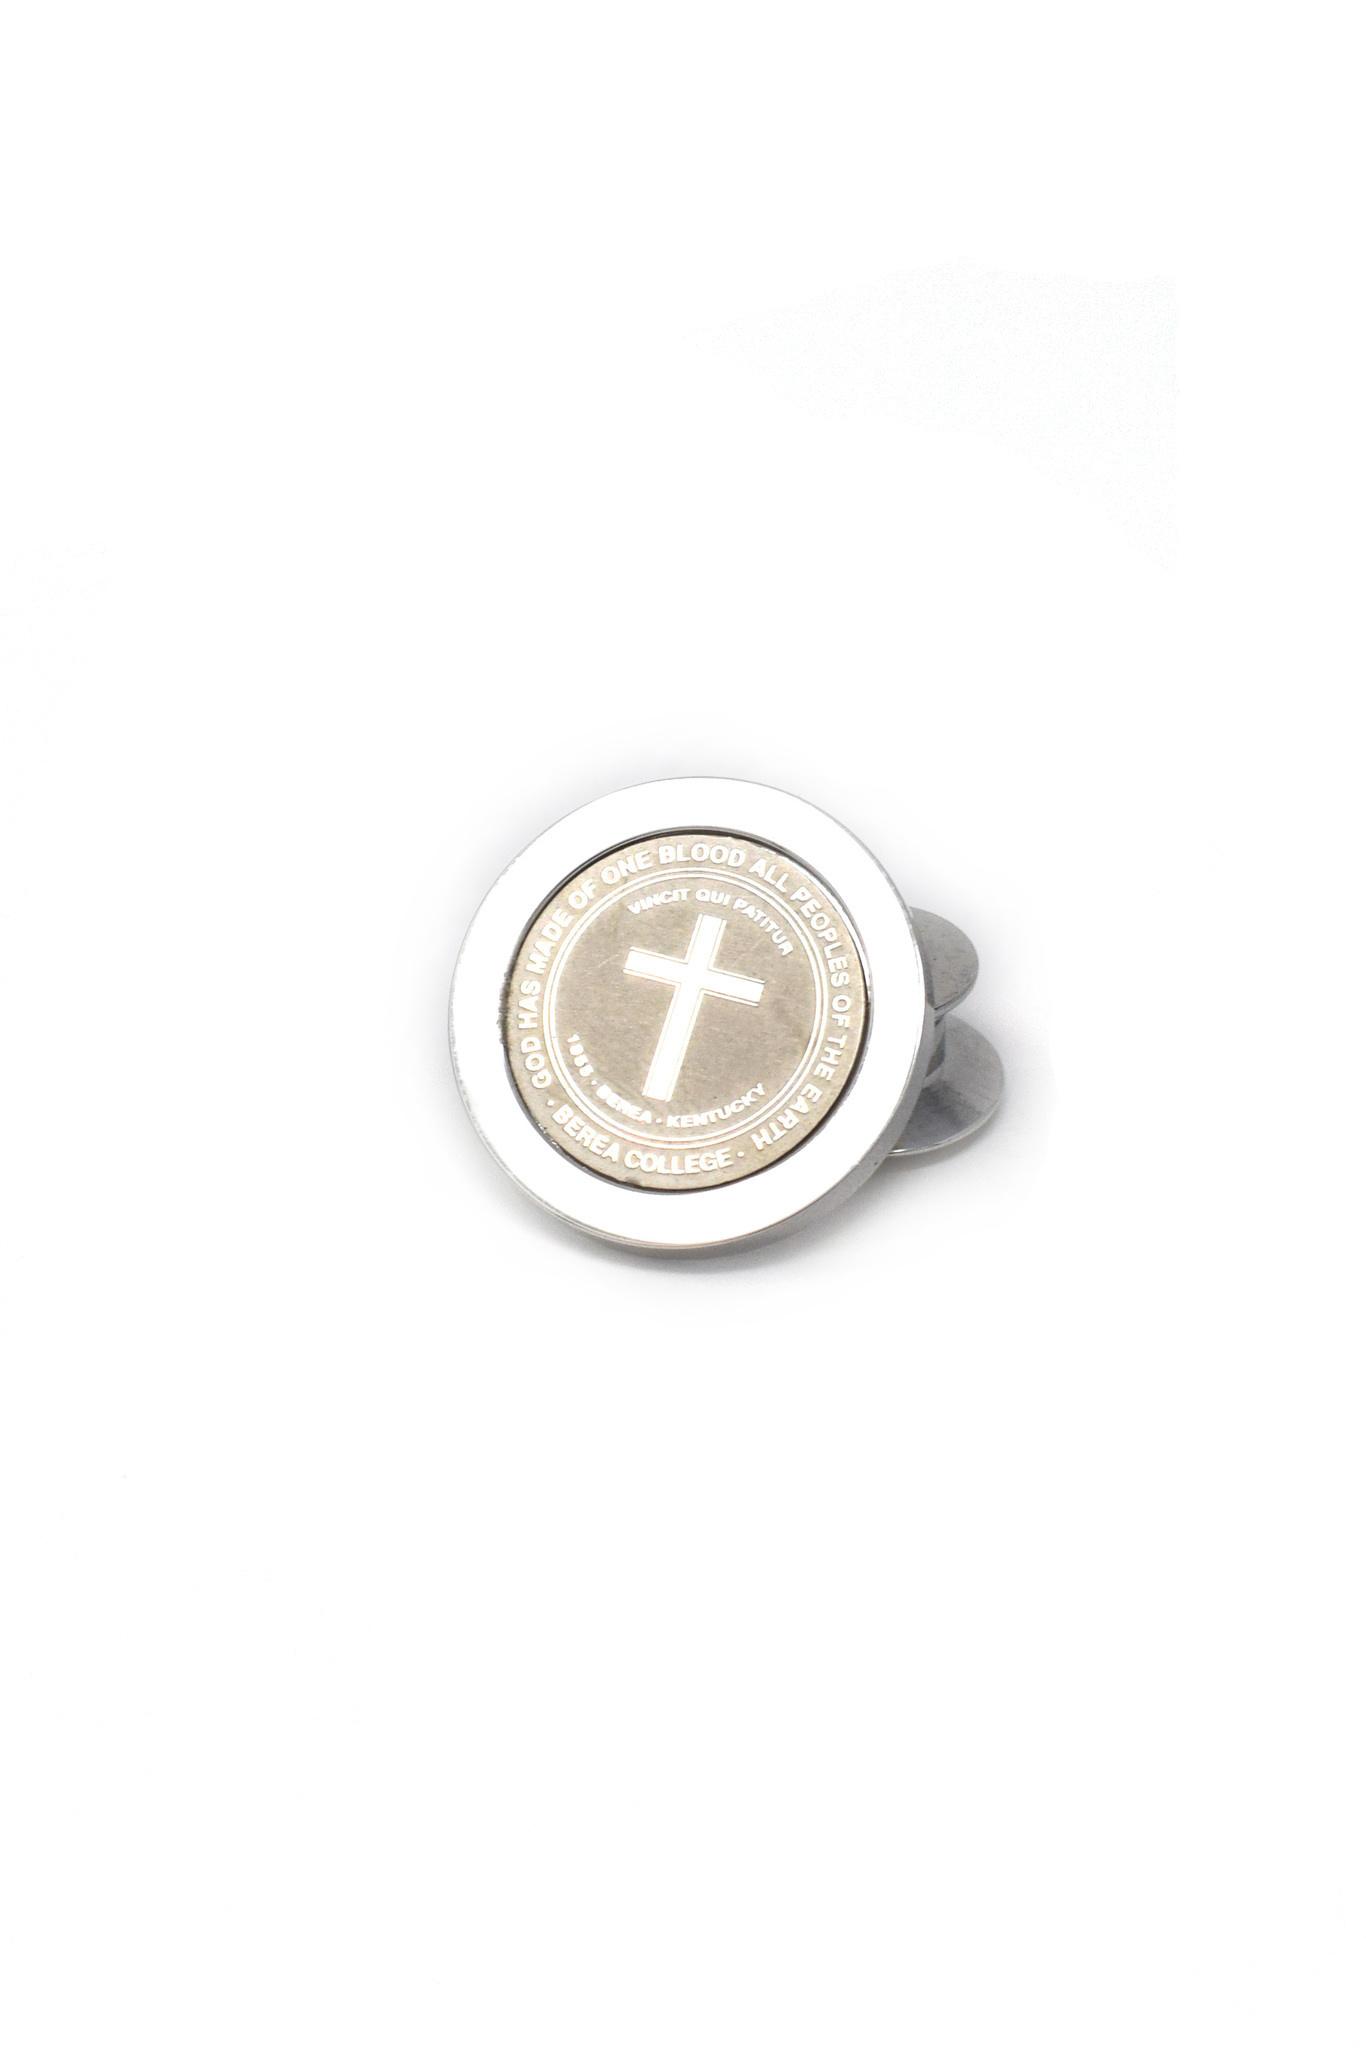 Berea Cross Lapel Pin-1